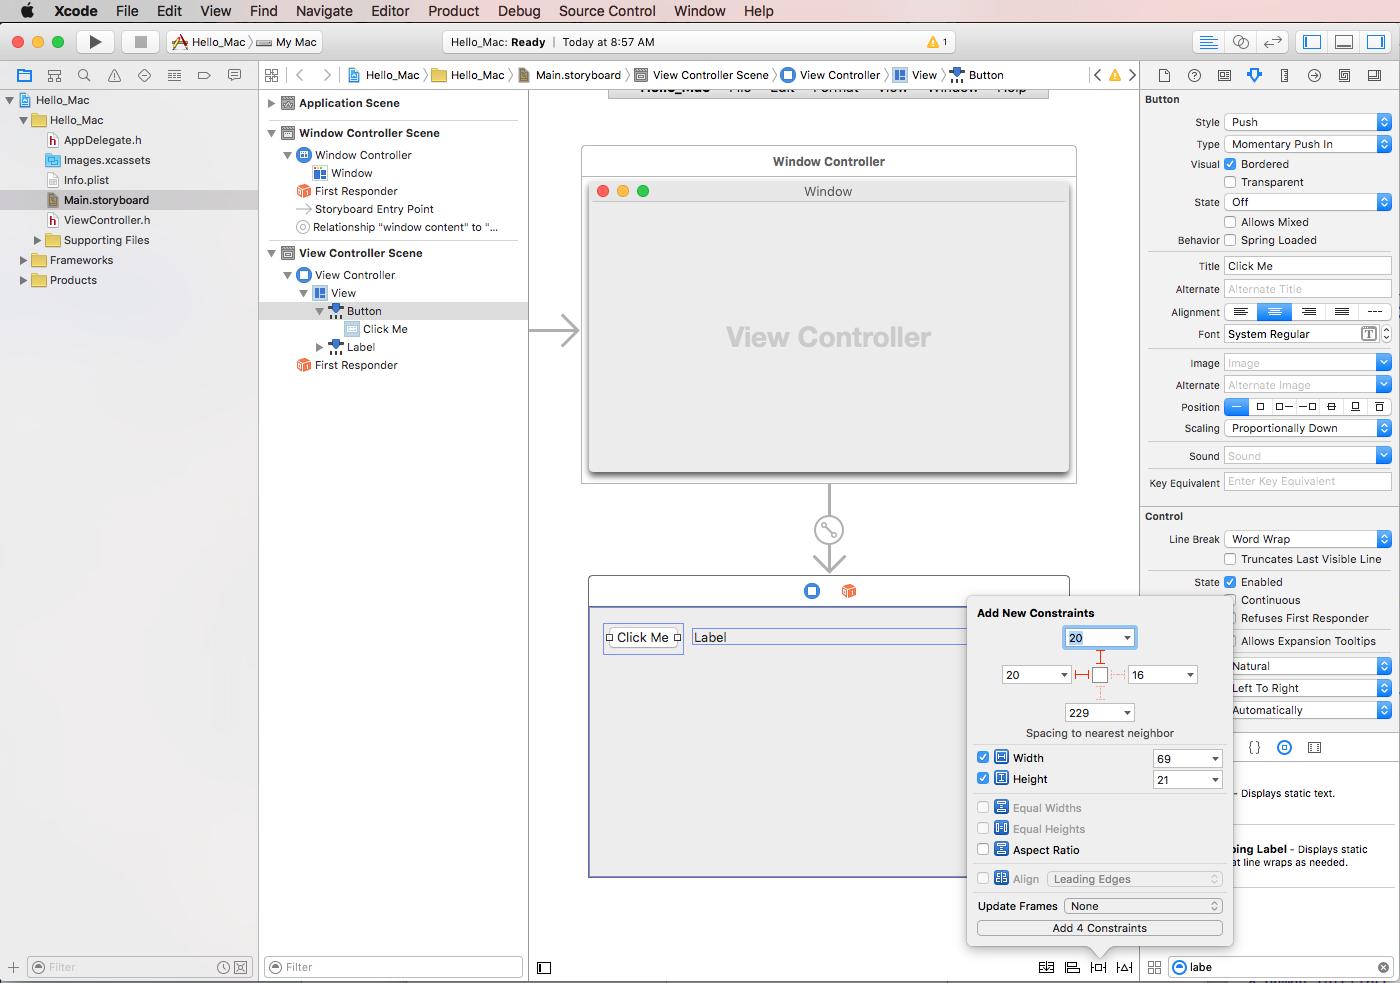 Fantastisch Kostenlose Xcode Vorlagen Bilder - Beispiel Business ...